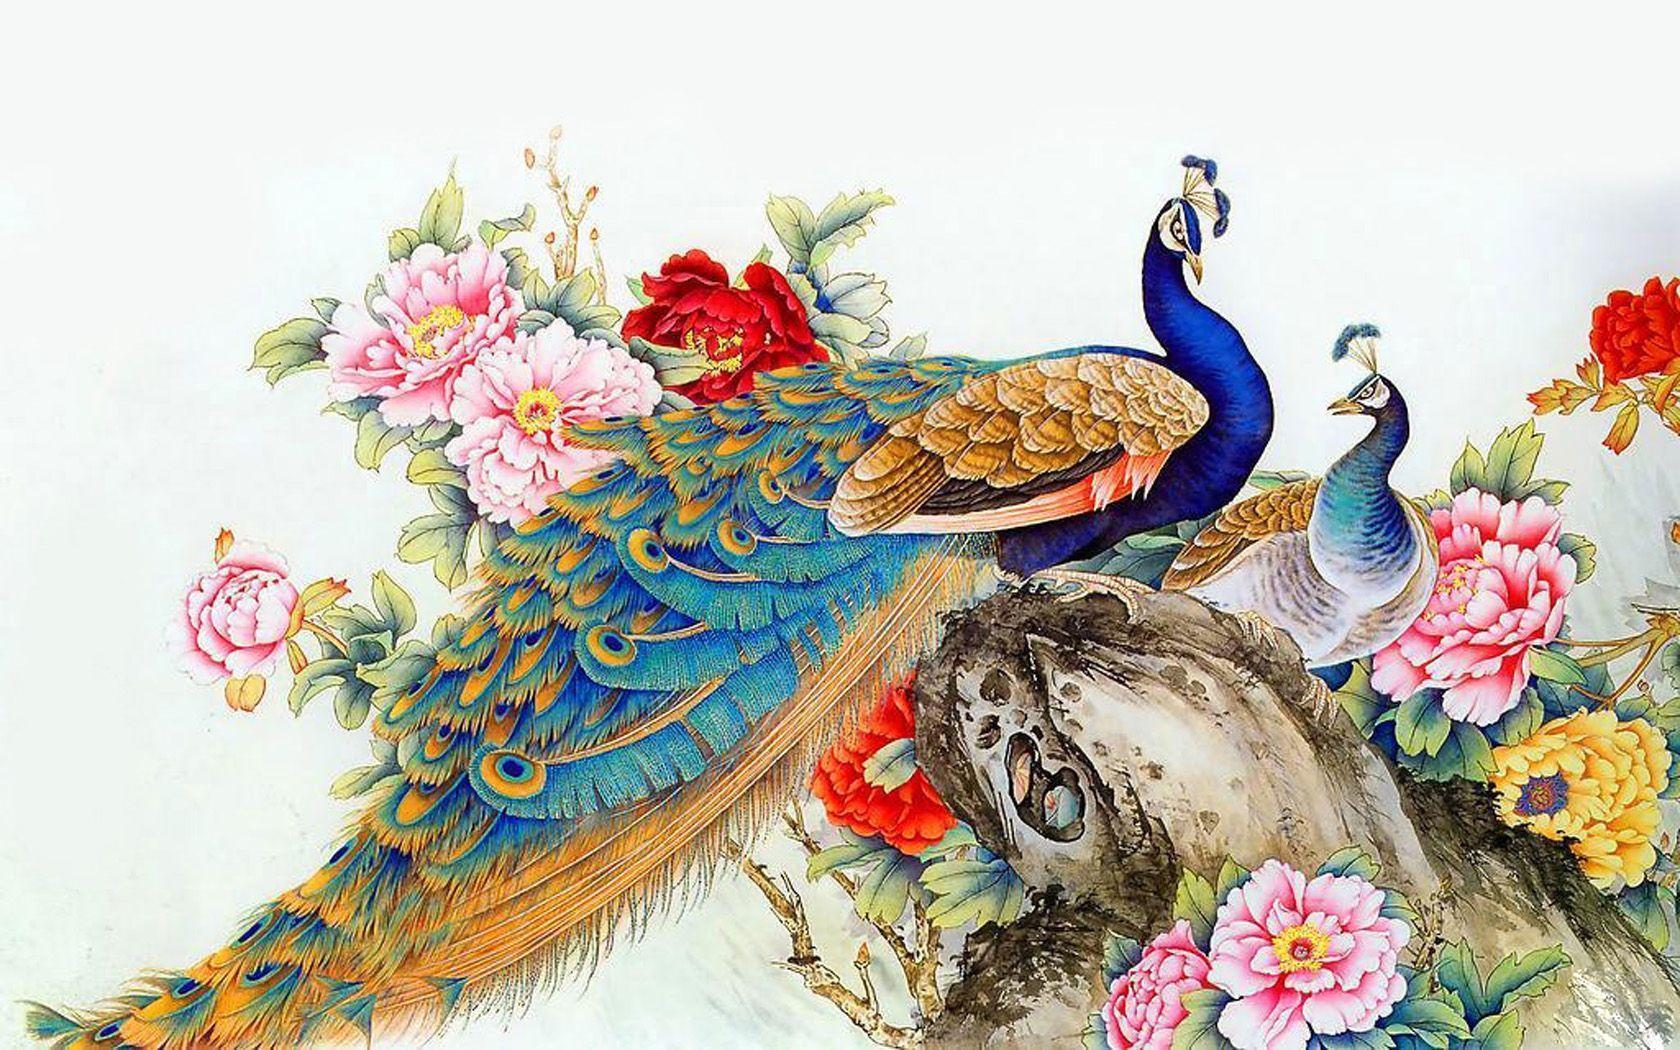 peacock screensaver photos